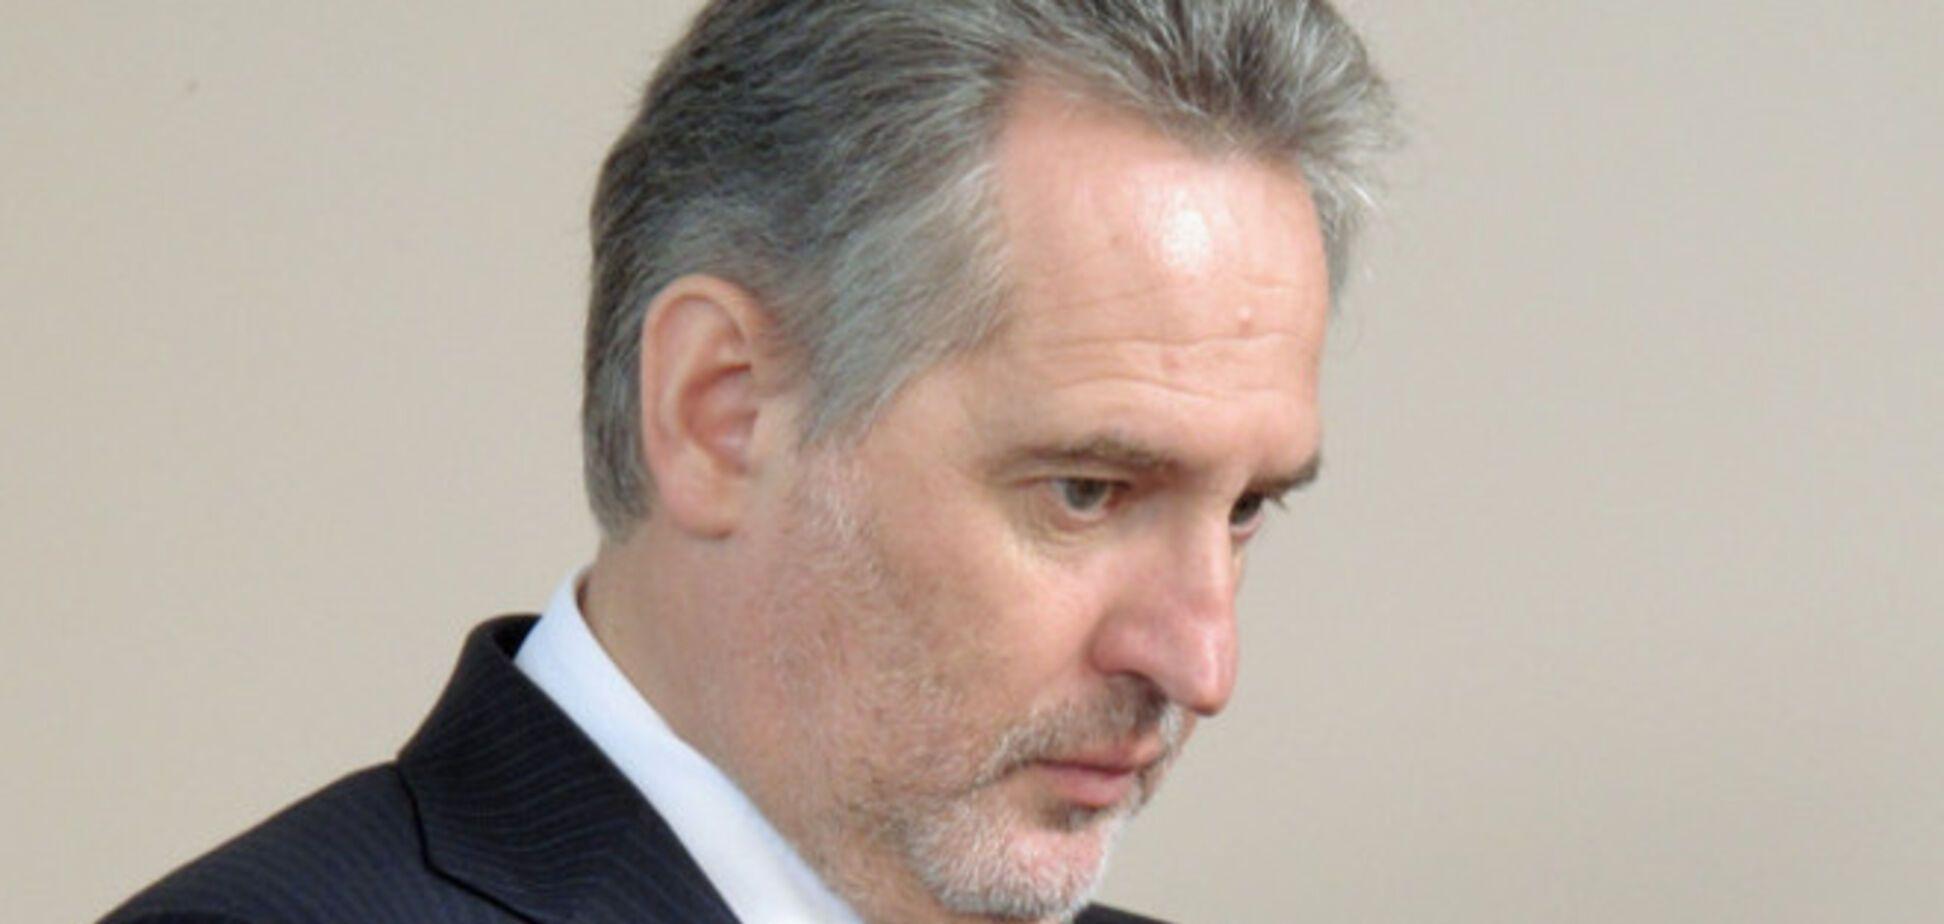 Залог за Фирташа в сумме €125 млн внесли его российские друзья - СМИ